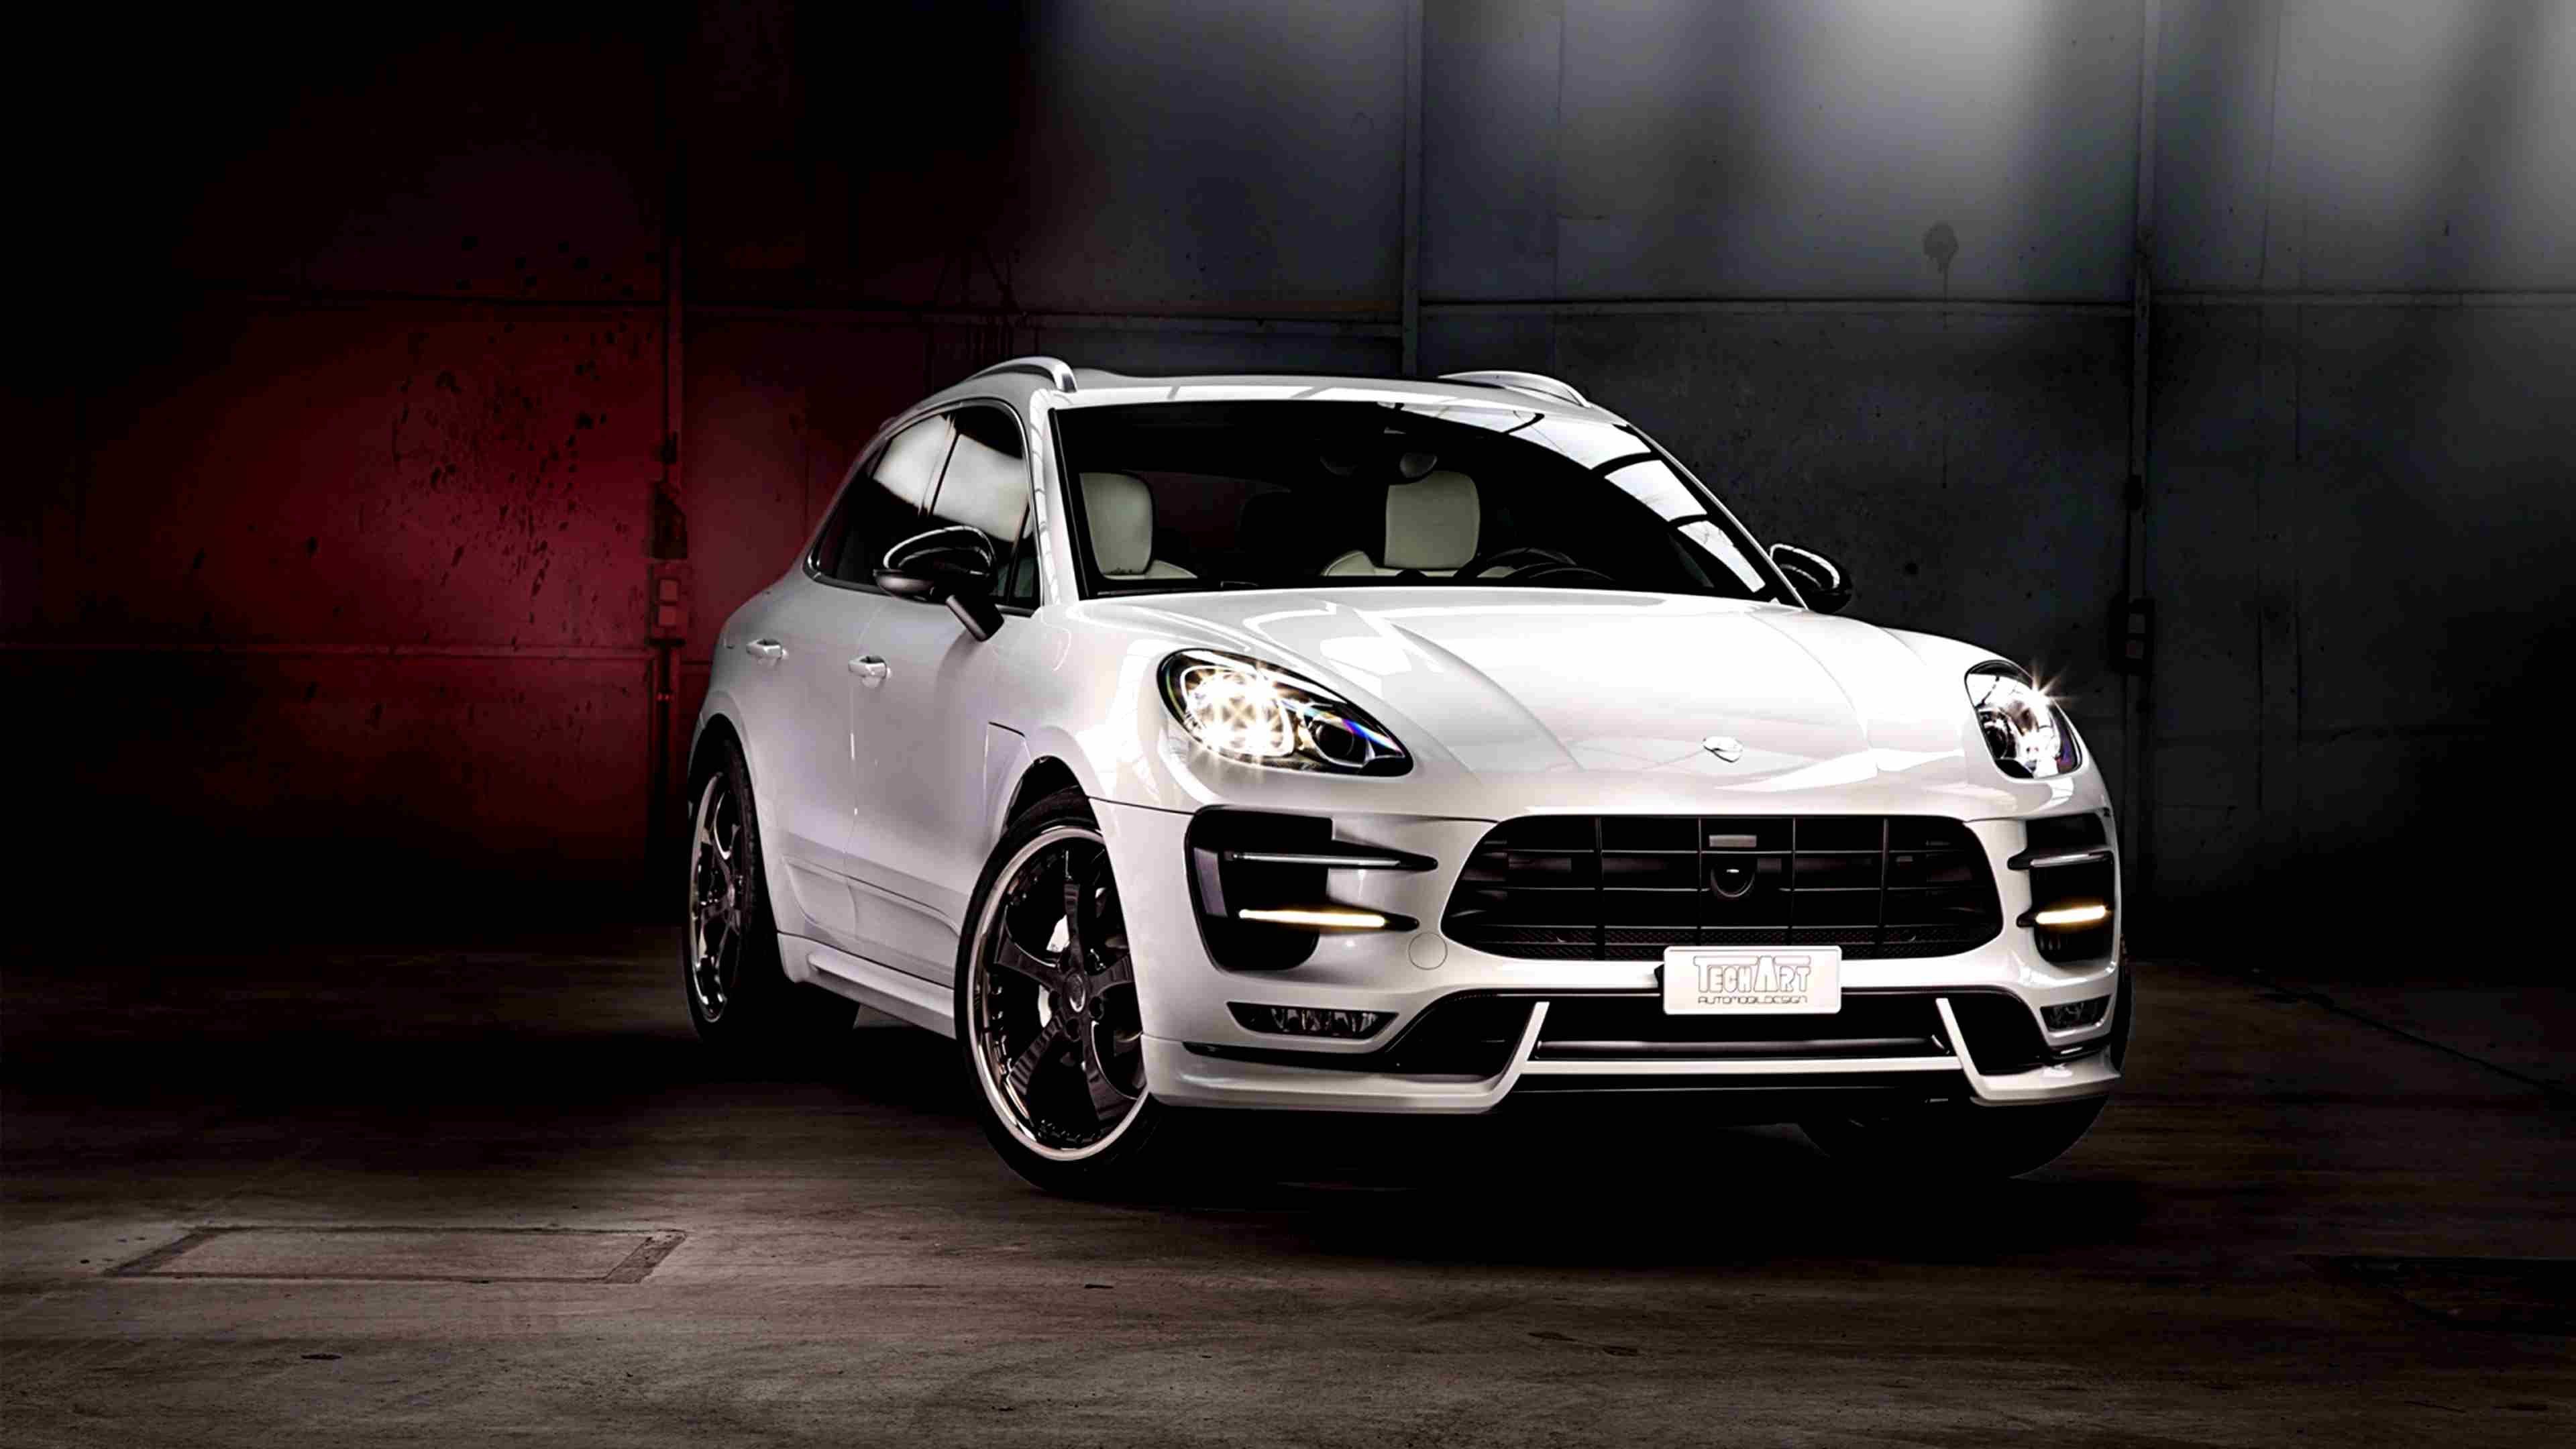 2015 Techart Porsche Macan 1 Cars Wallpapers Car Backgrounds Cars